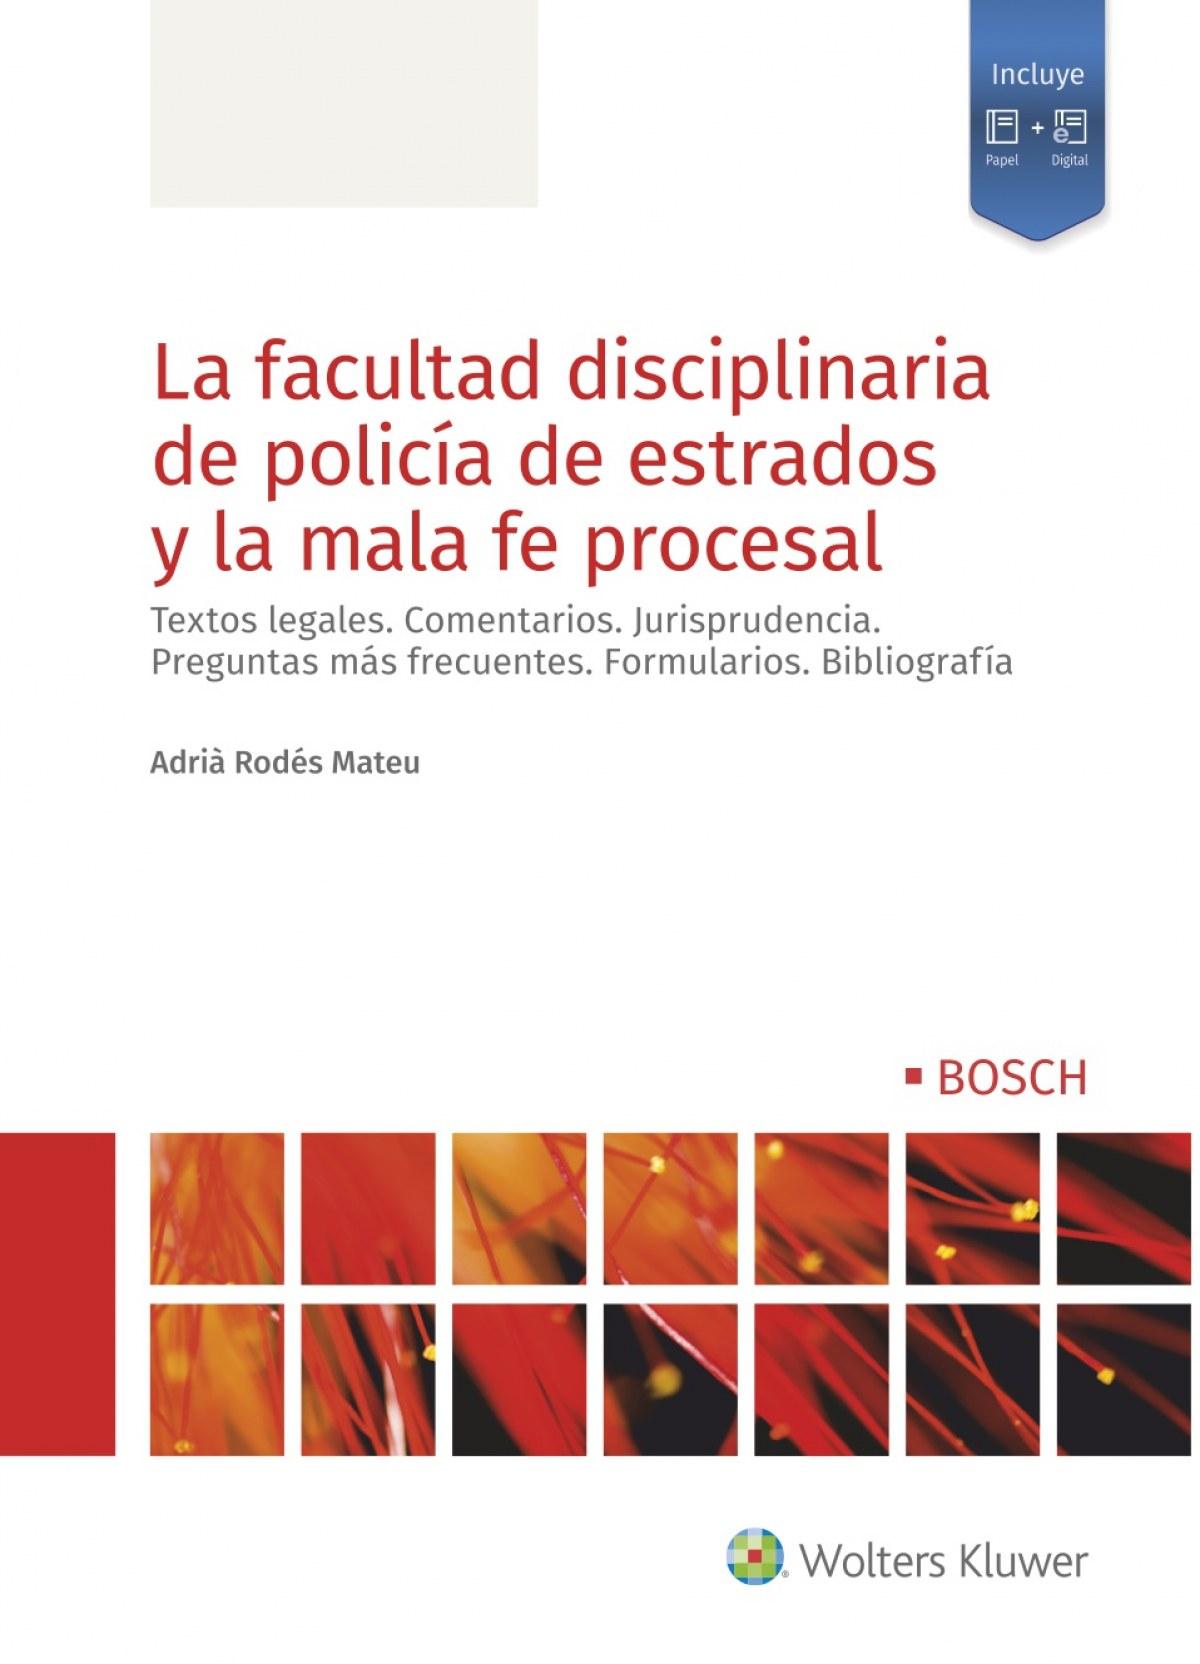 La facultad disciplinaria de polic¡a de estrados y la mala fe pro